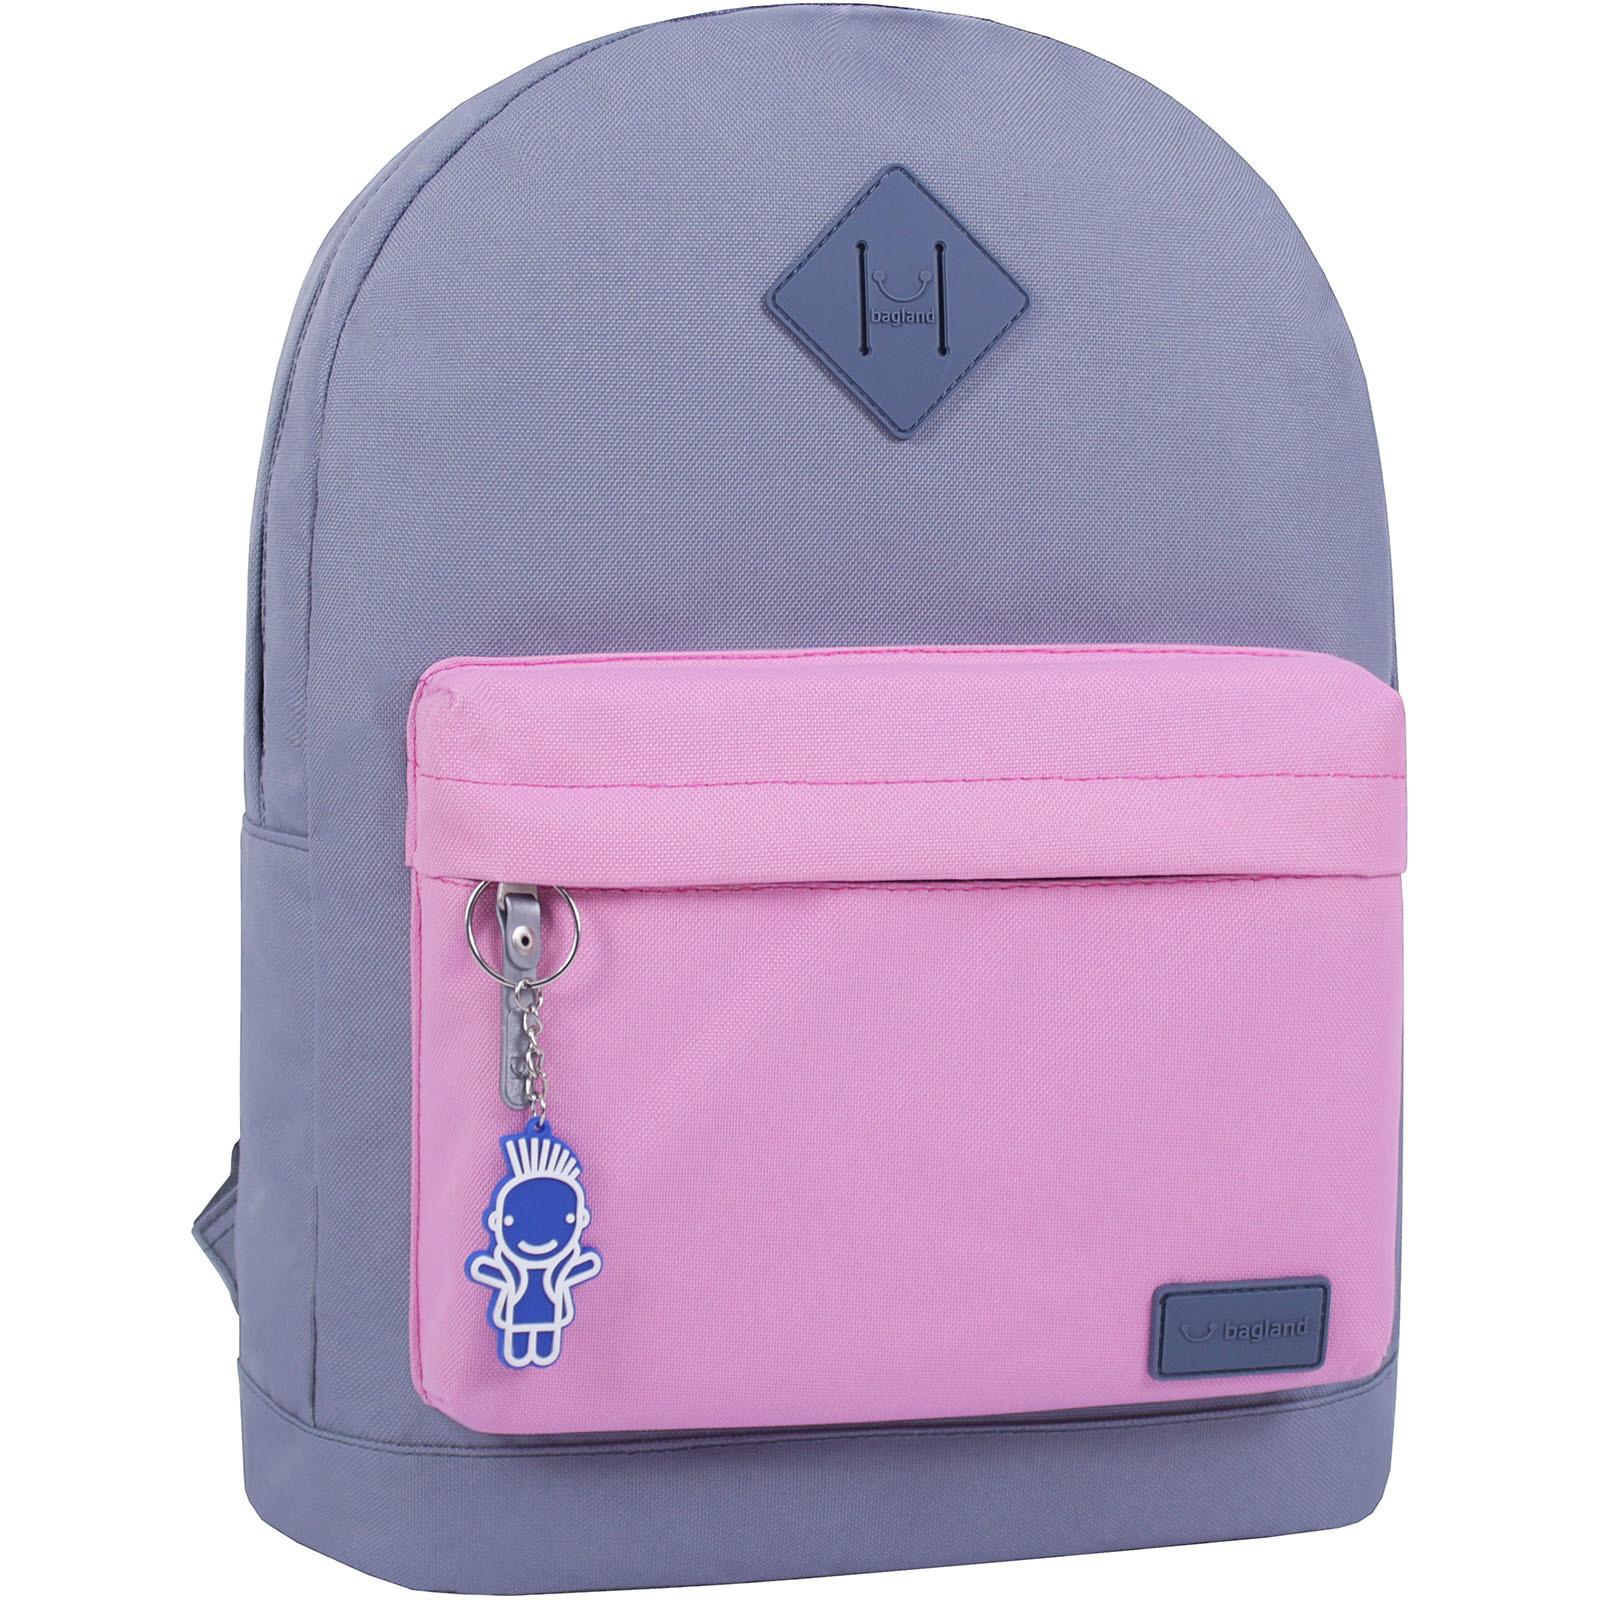 Городские рюкзаки Рюкзак Bagland Молодежный W/R 17 л. серый/розовый (00533662) IMG_0762.JPG